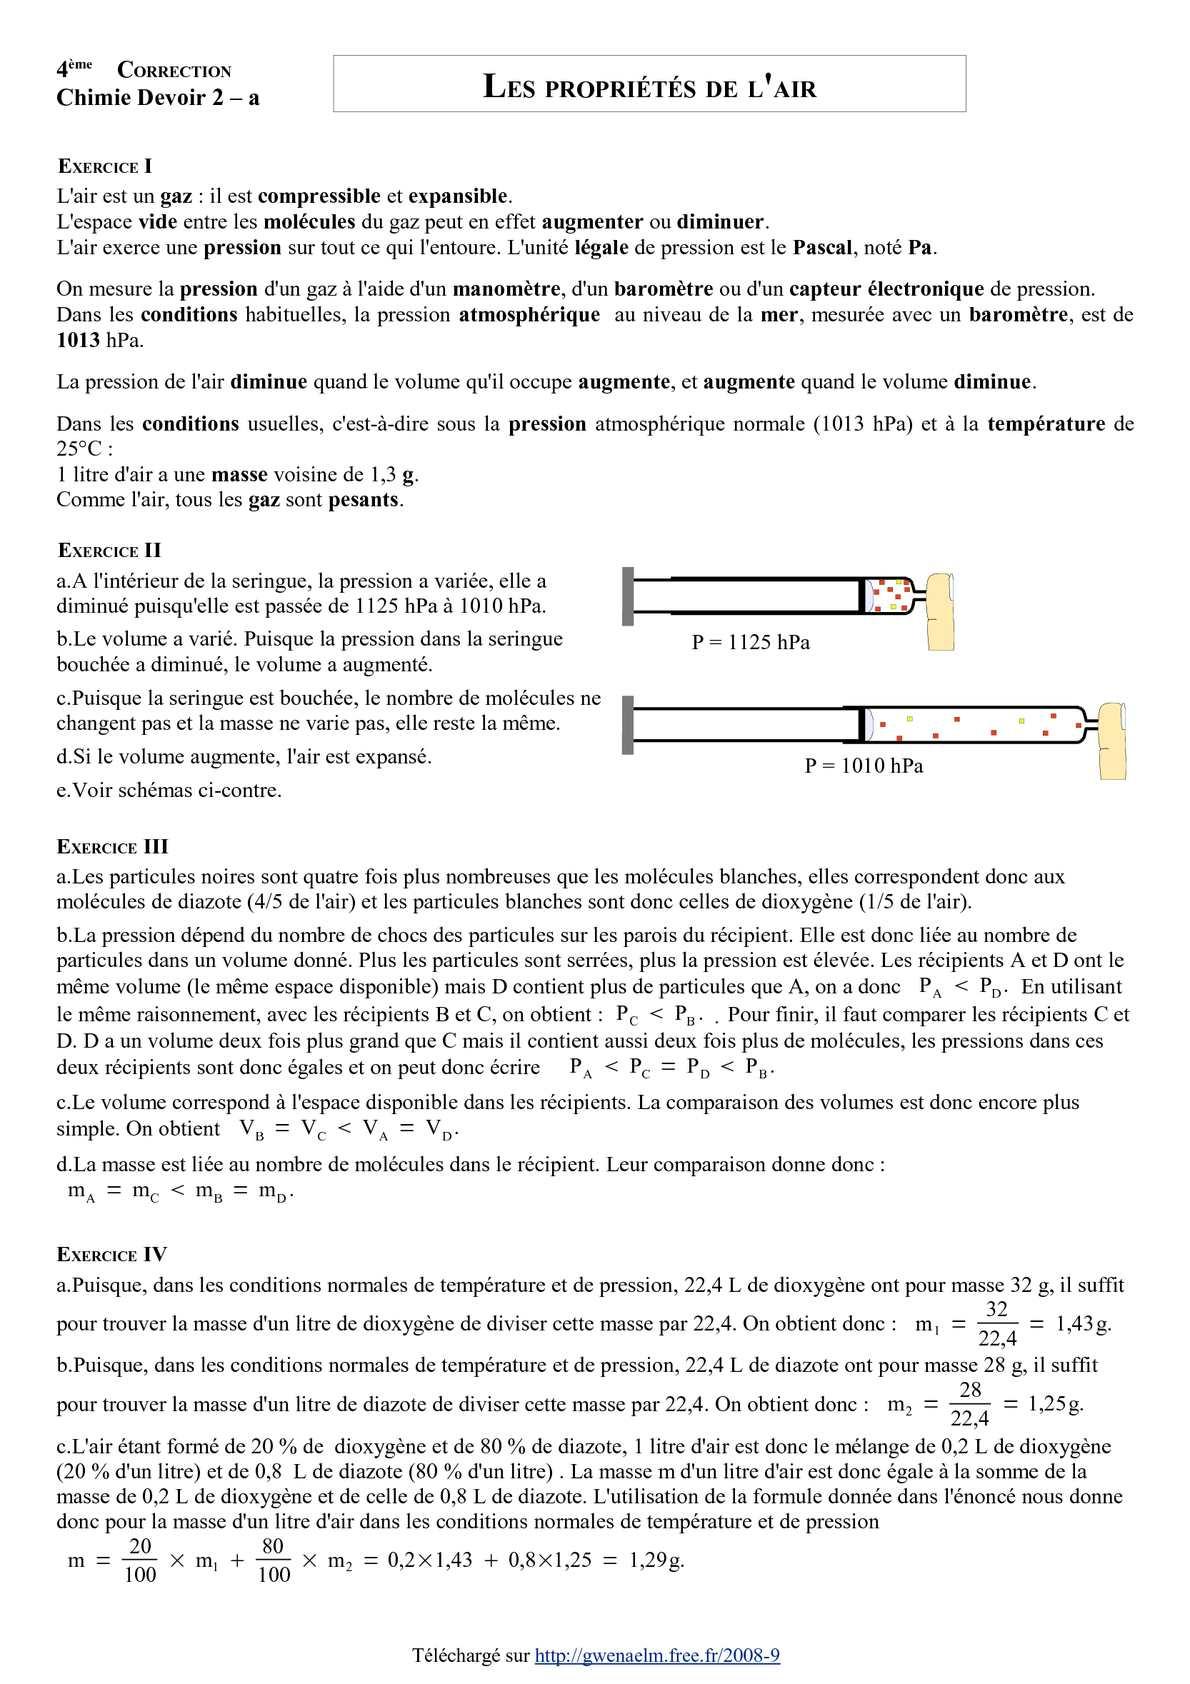 Calameo Ds 2 Quatrieme Les Proprietes De L Air Corrige Version A